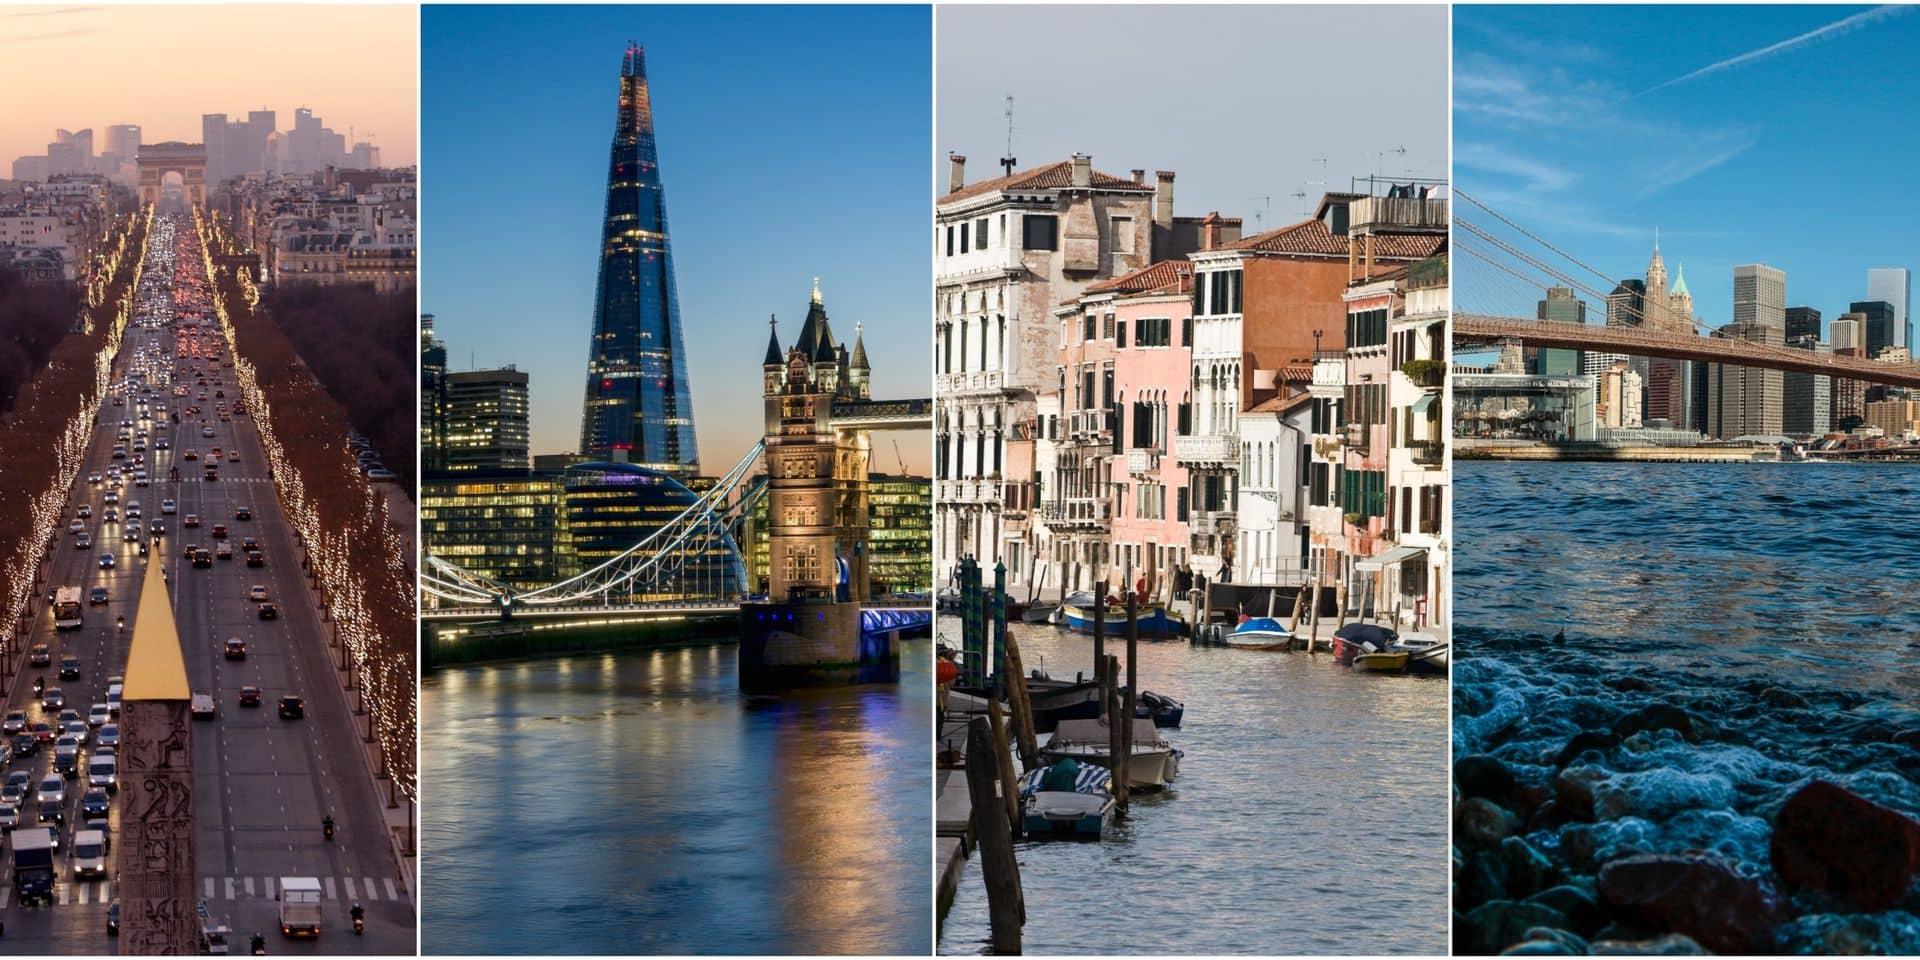 Bruges dans le Top 50 des plus belles villes du monde : découvrez le classement